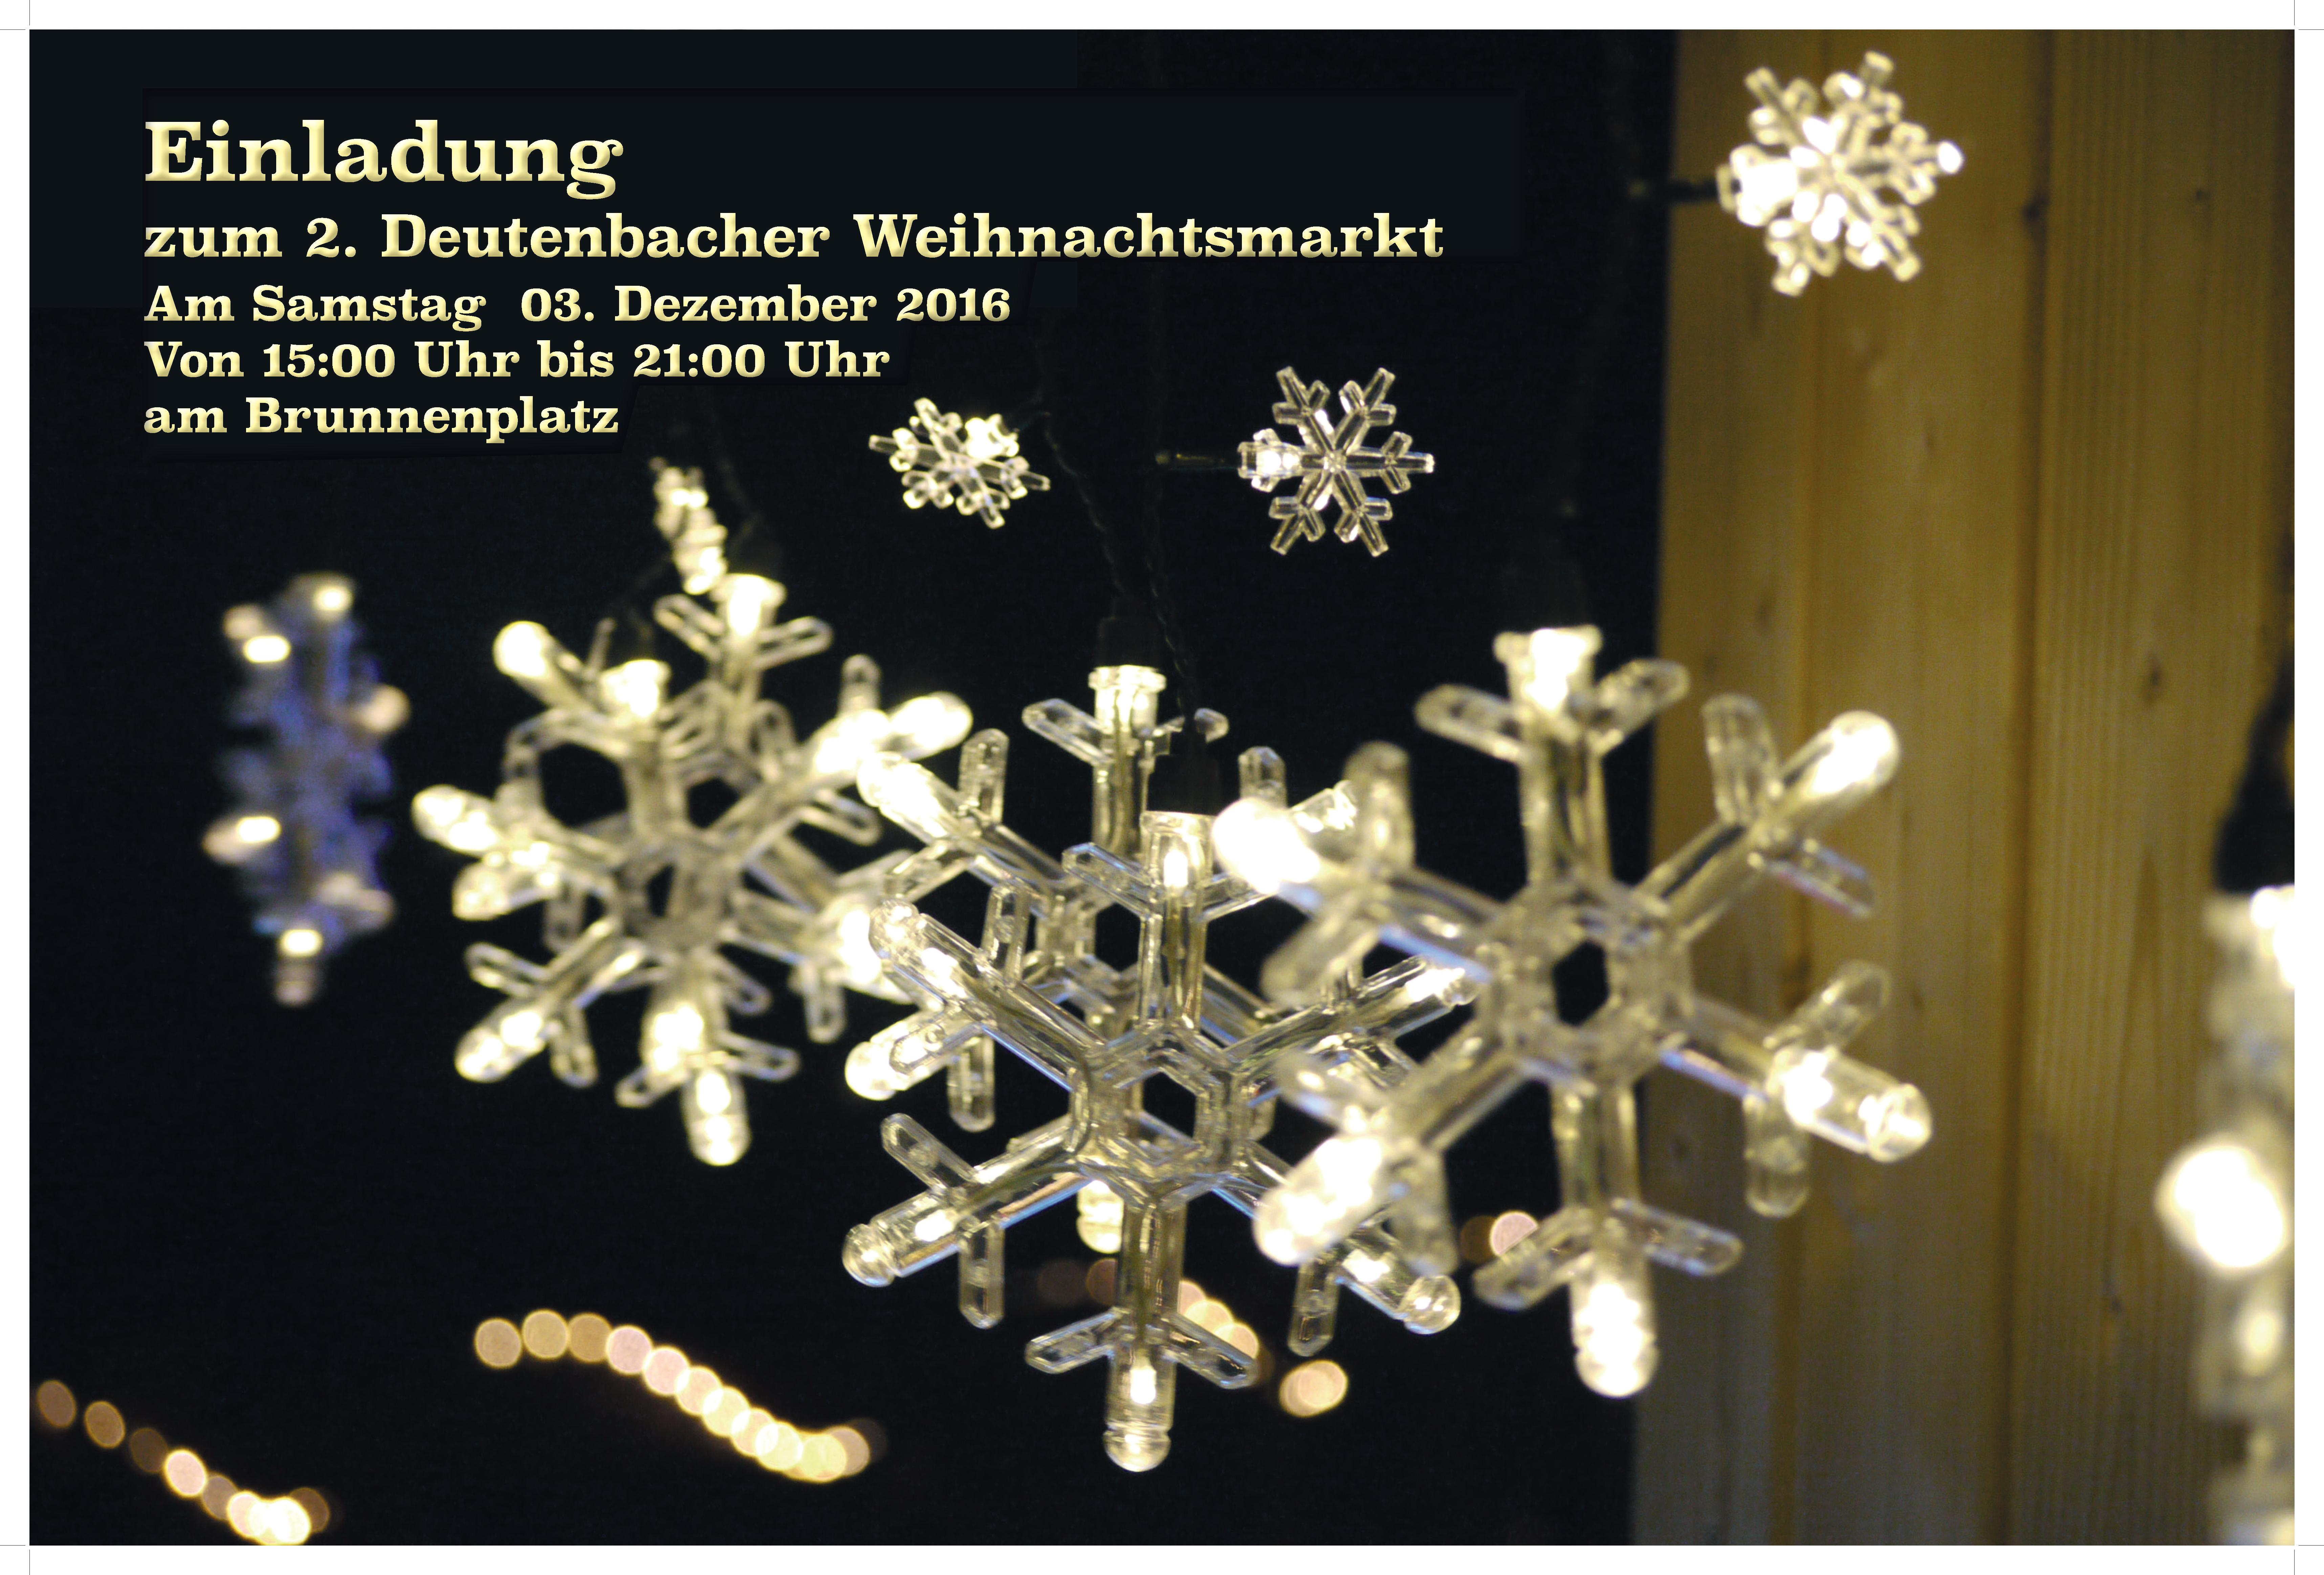 Herzliche Einladung zum 2. Deutenbacher Weihnachtsmarkt